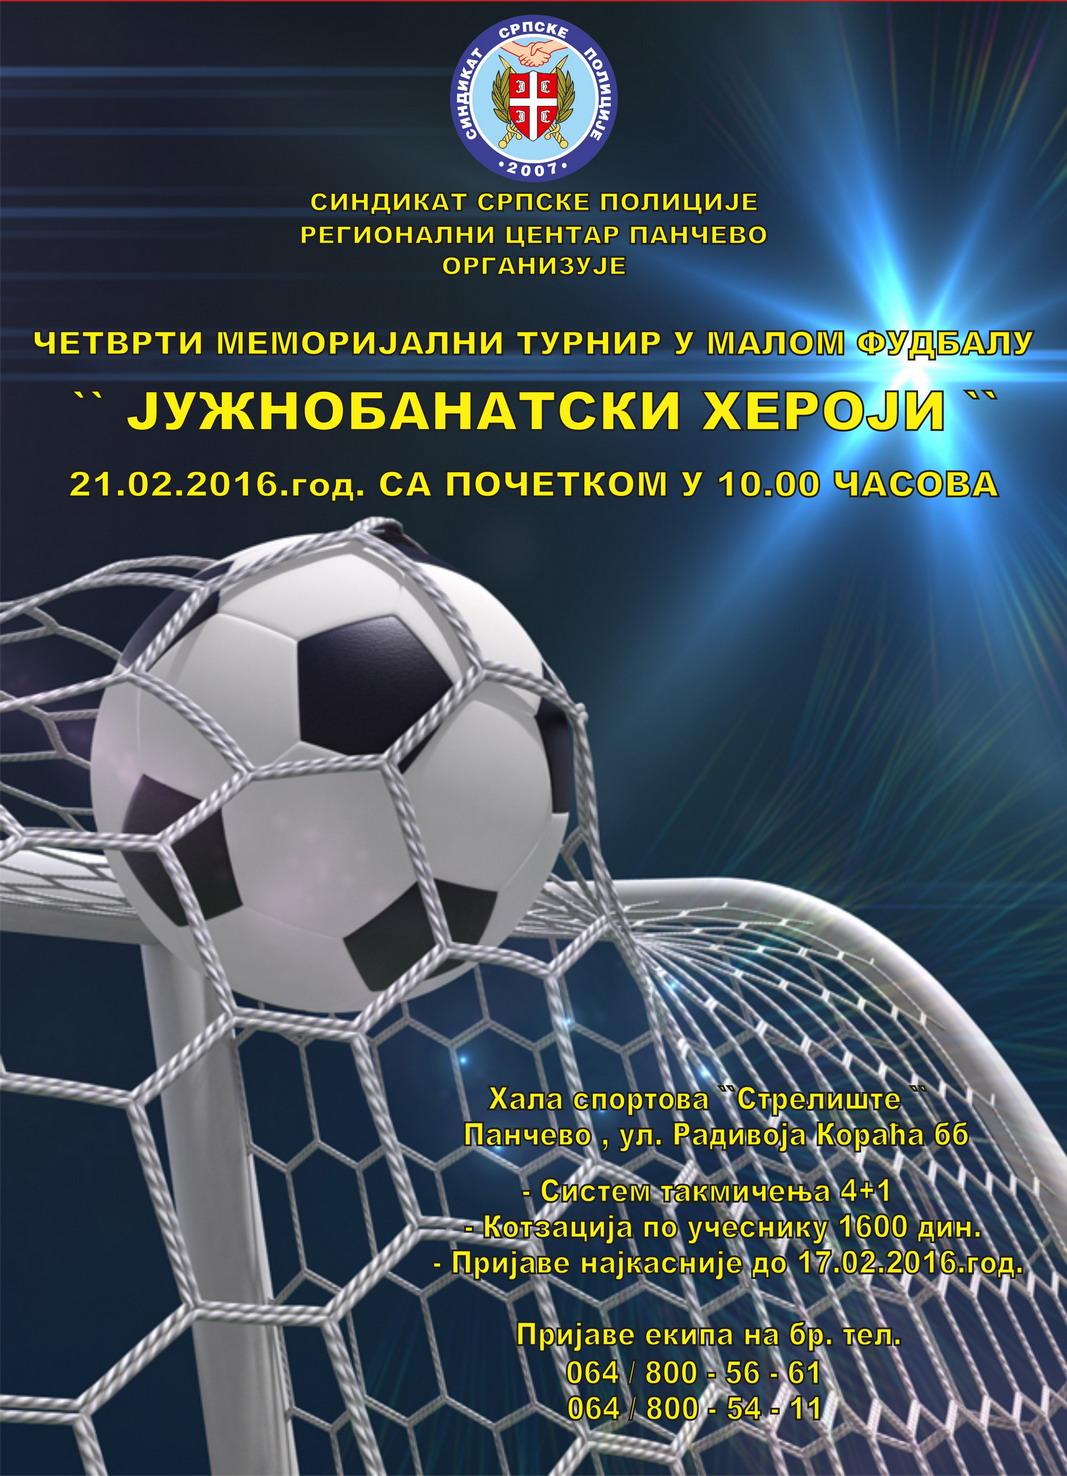 Plakat turnira 1